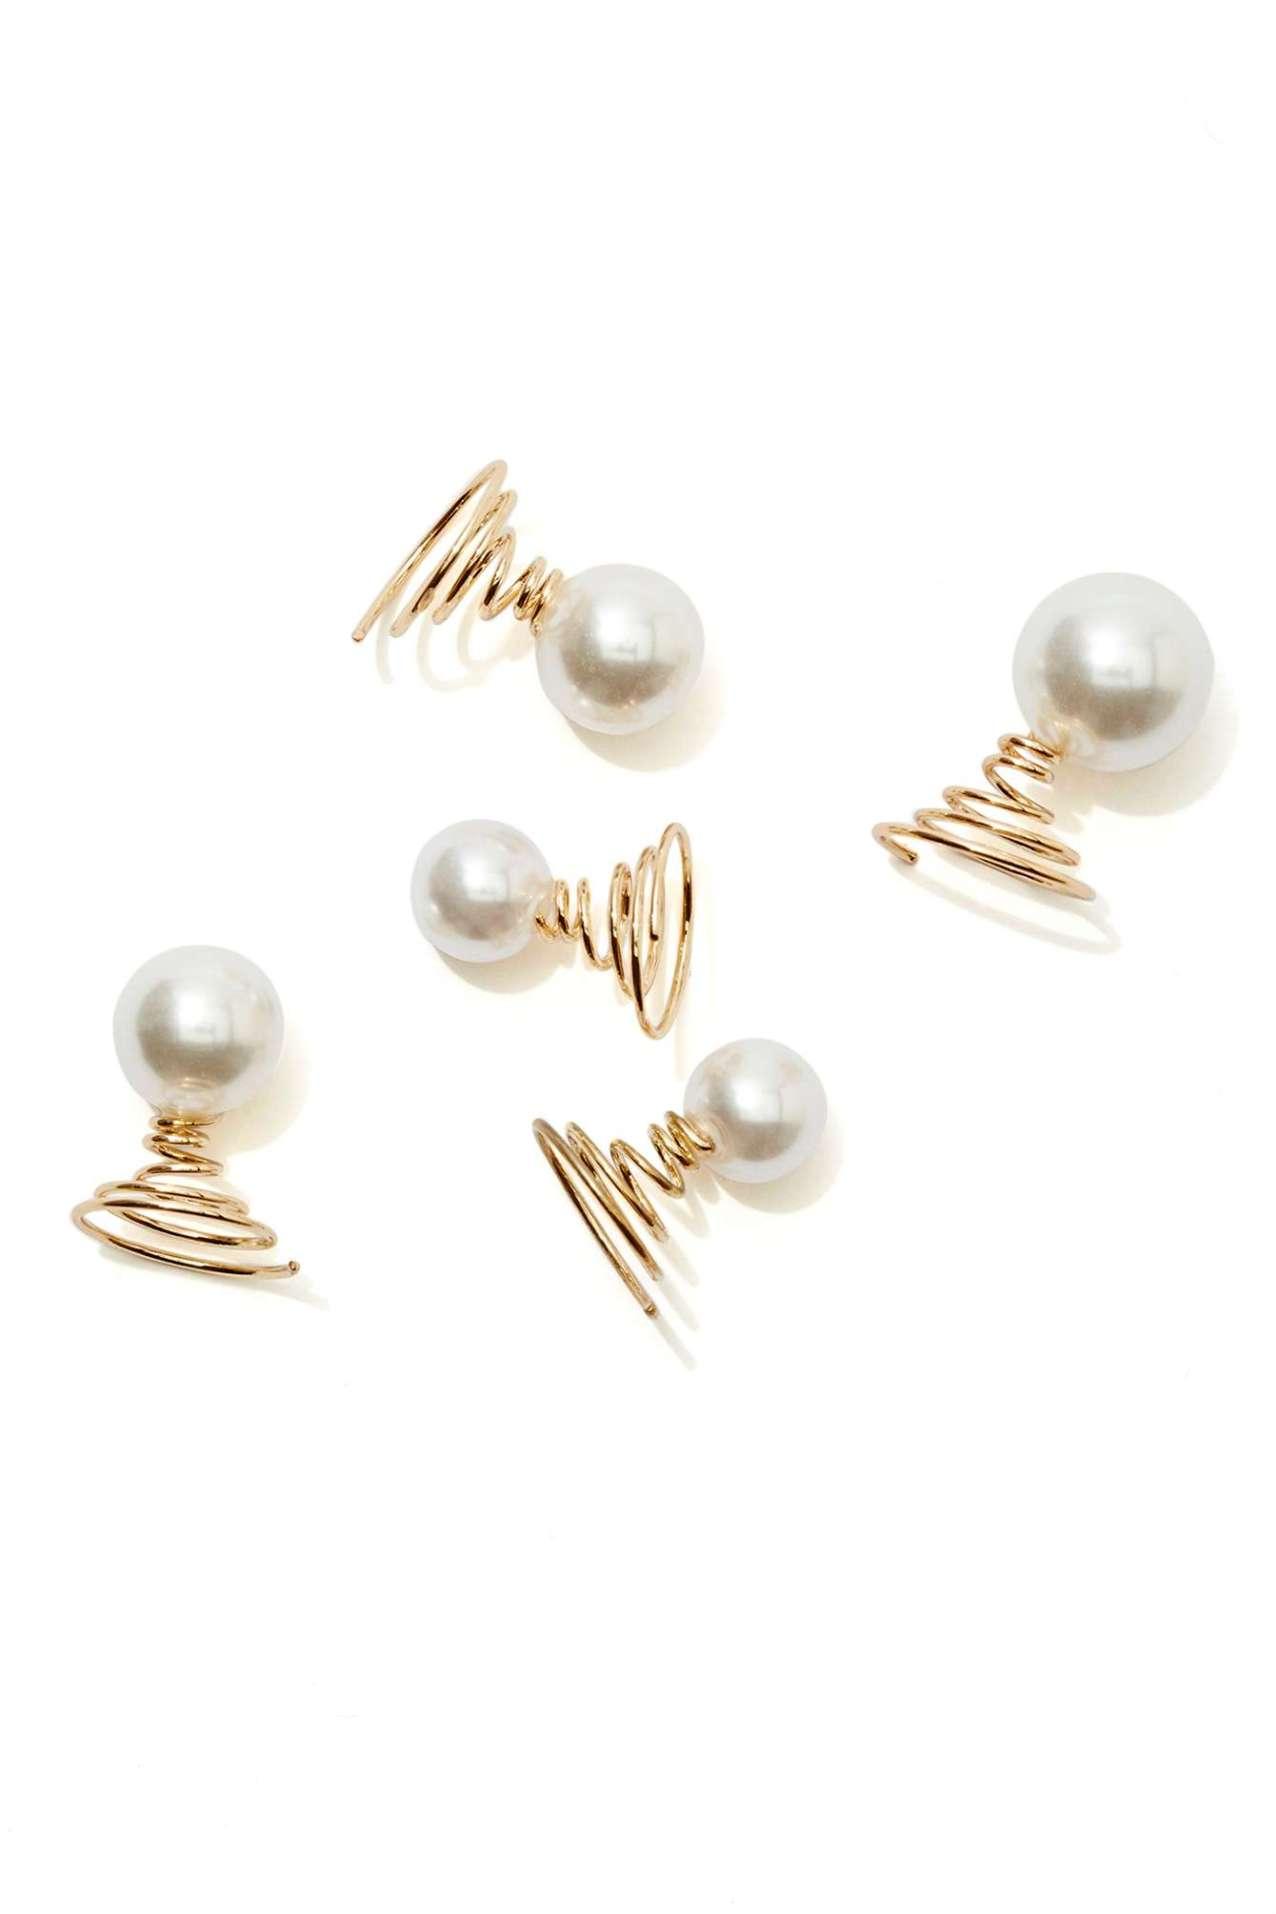 Atta Pearl Hair Charm Set